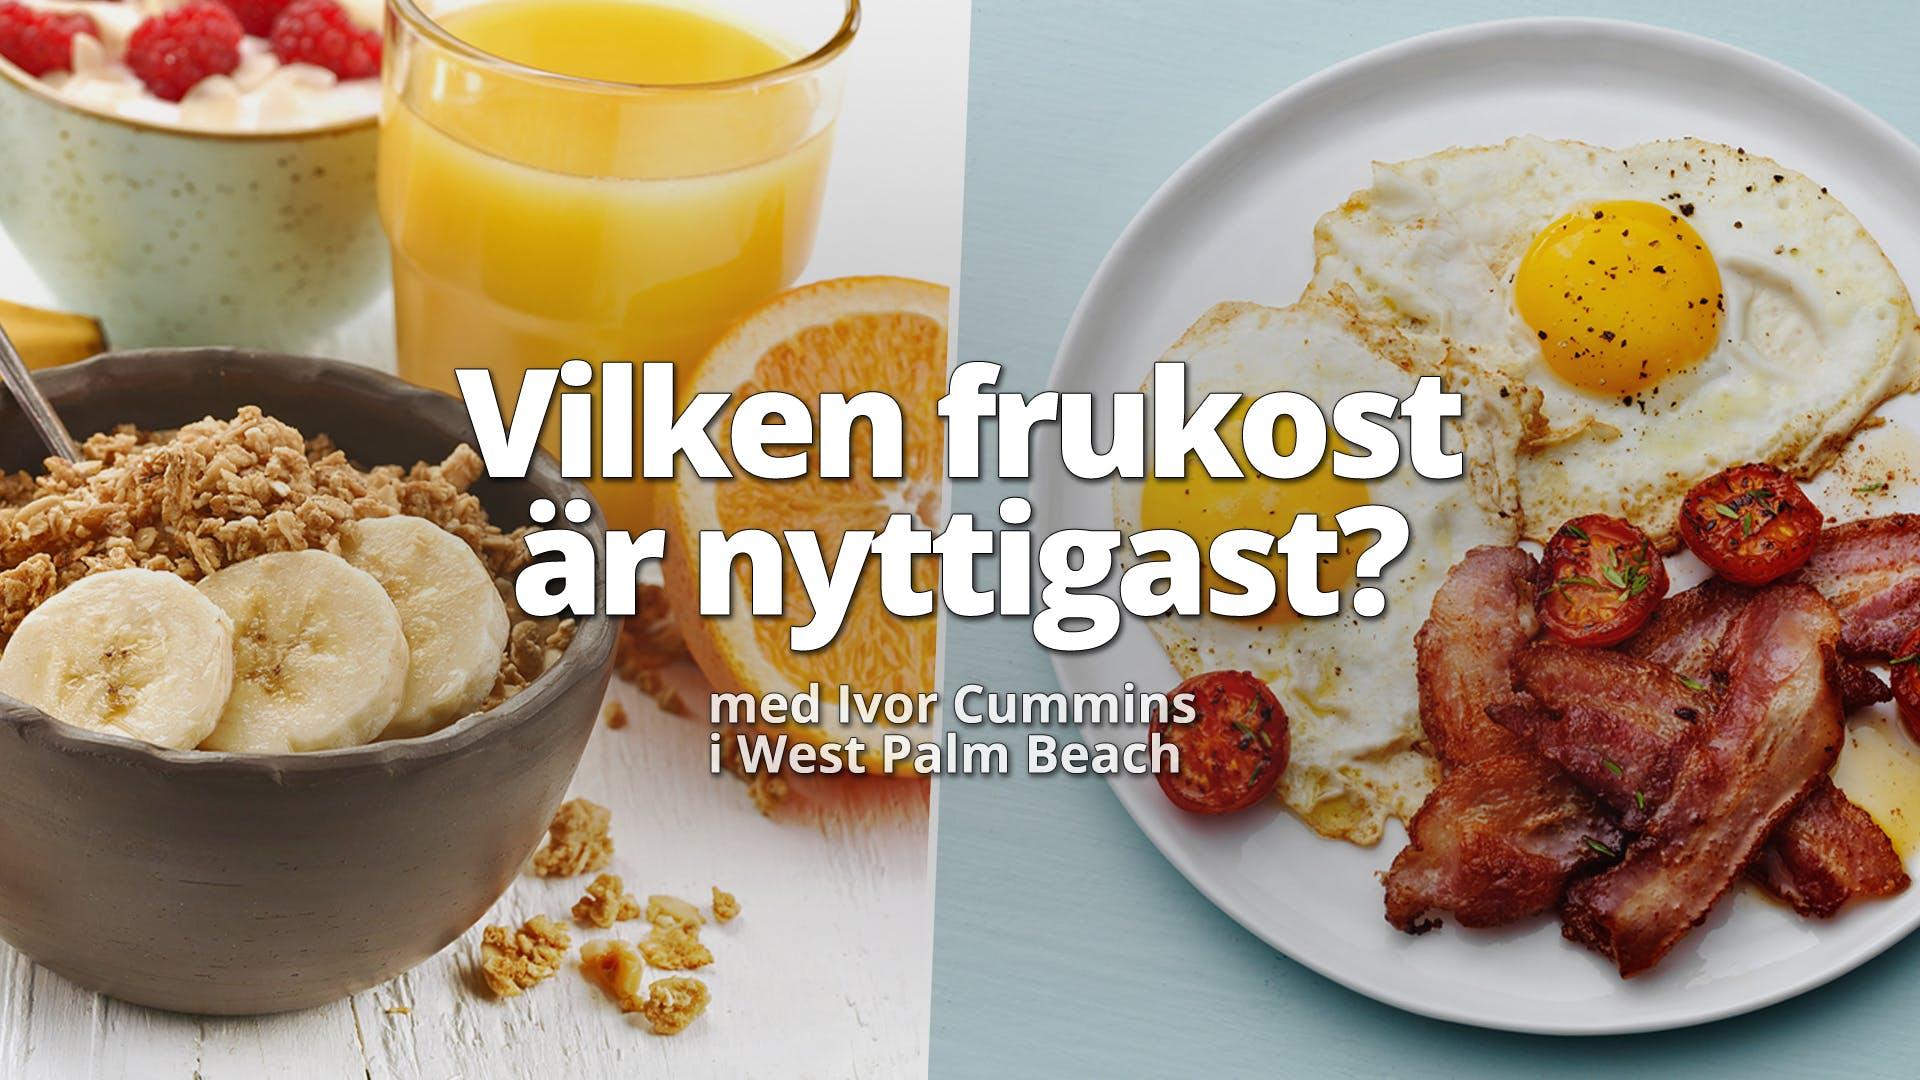 Vilken frukost är nyttigast? – Ivor Cummins